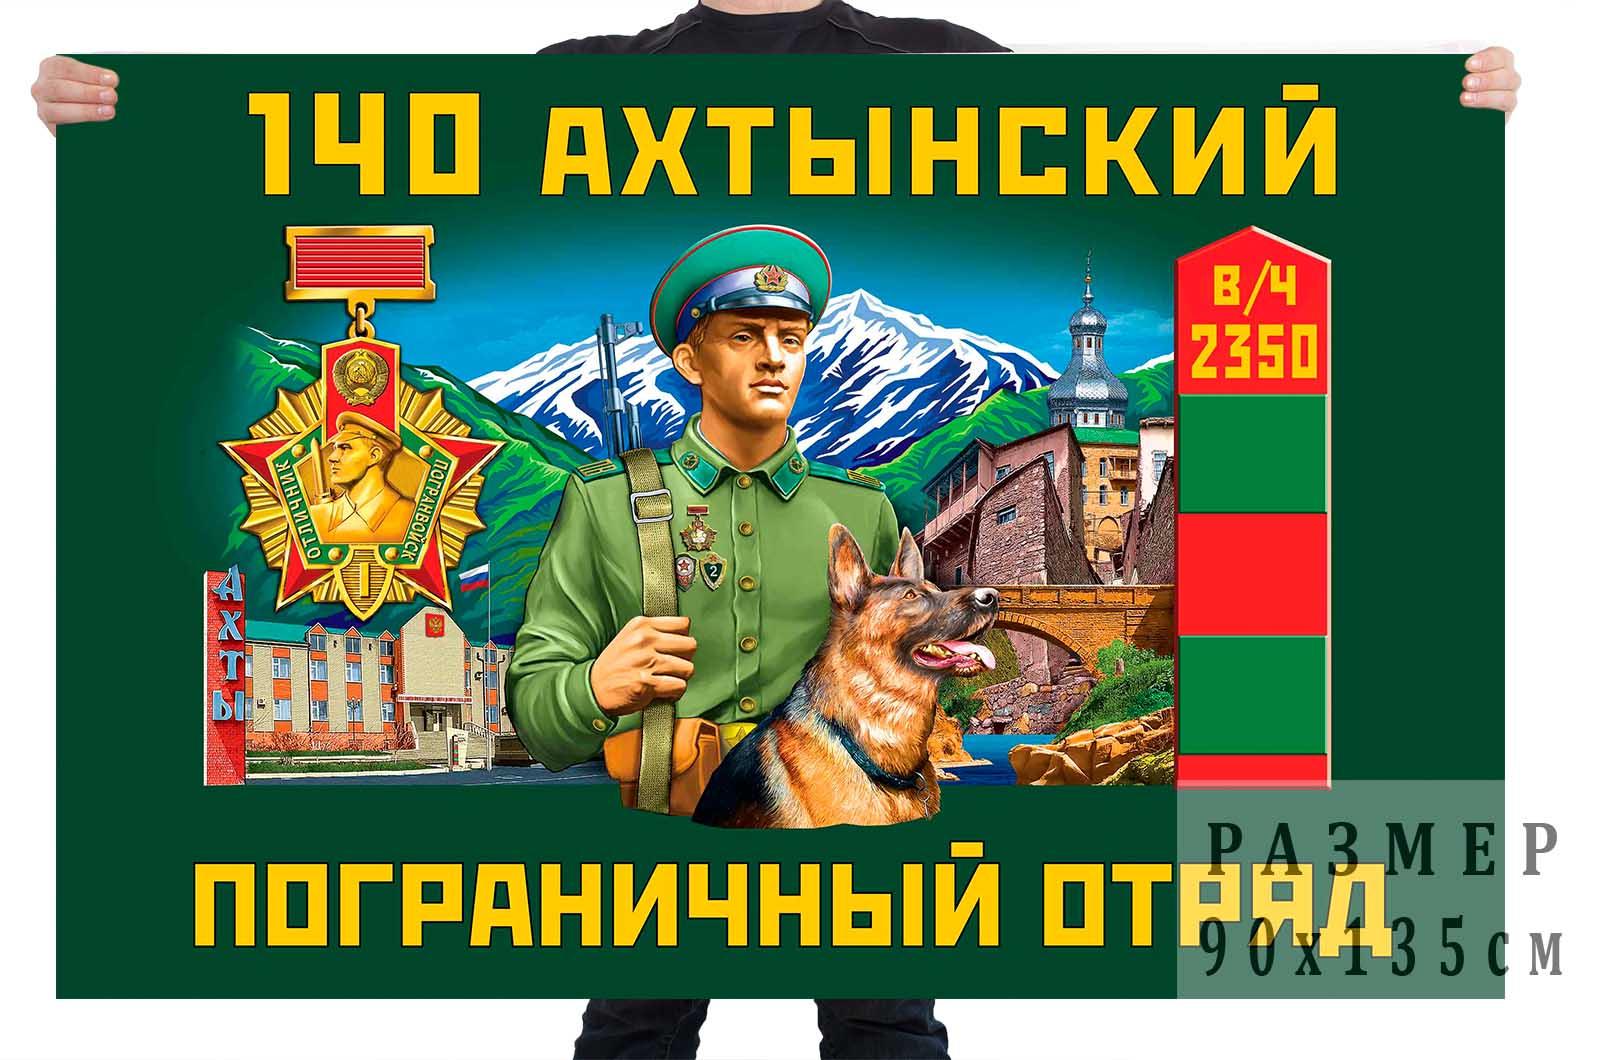 Флаг 140 Ахтынского пограничного отряда